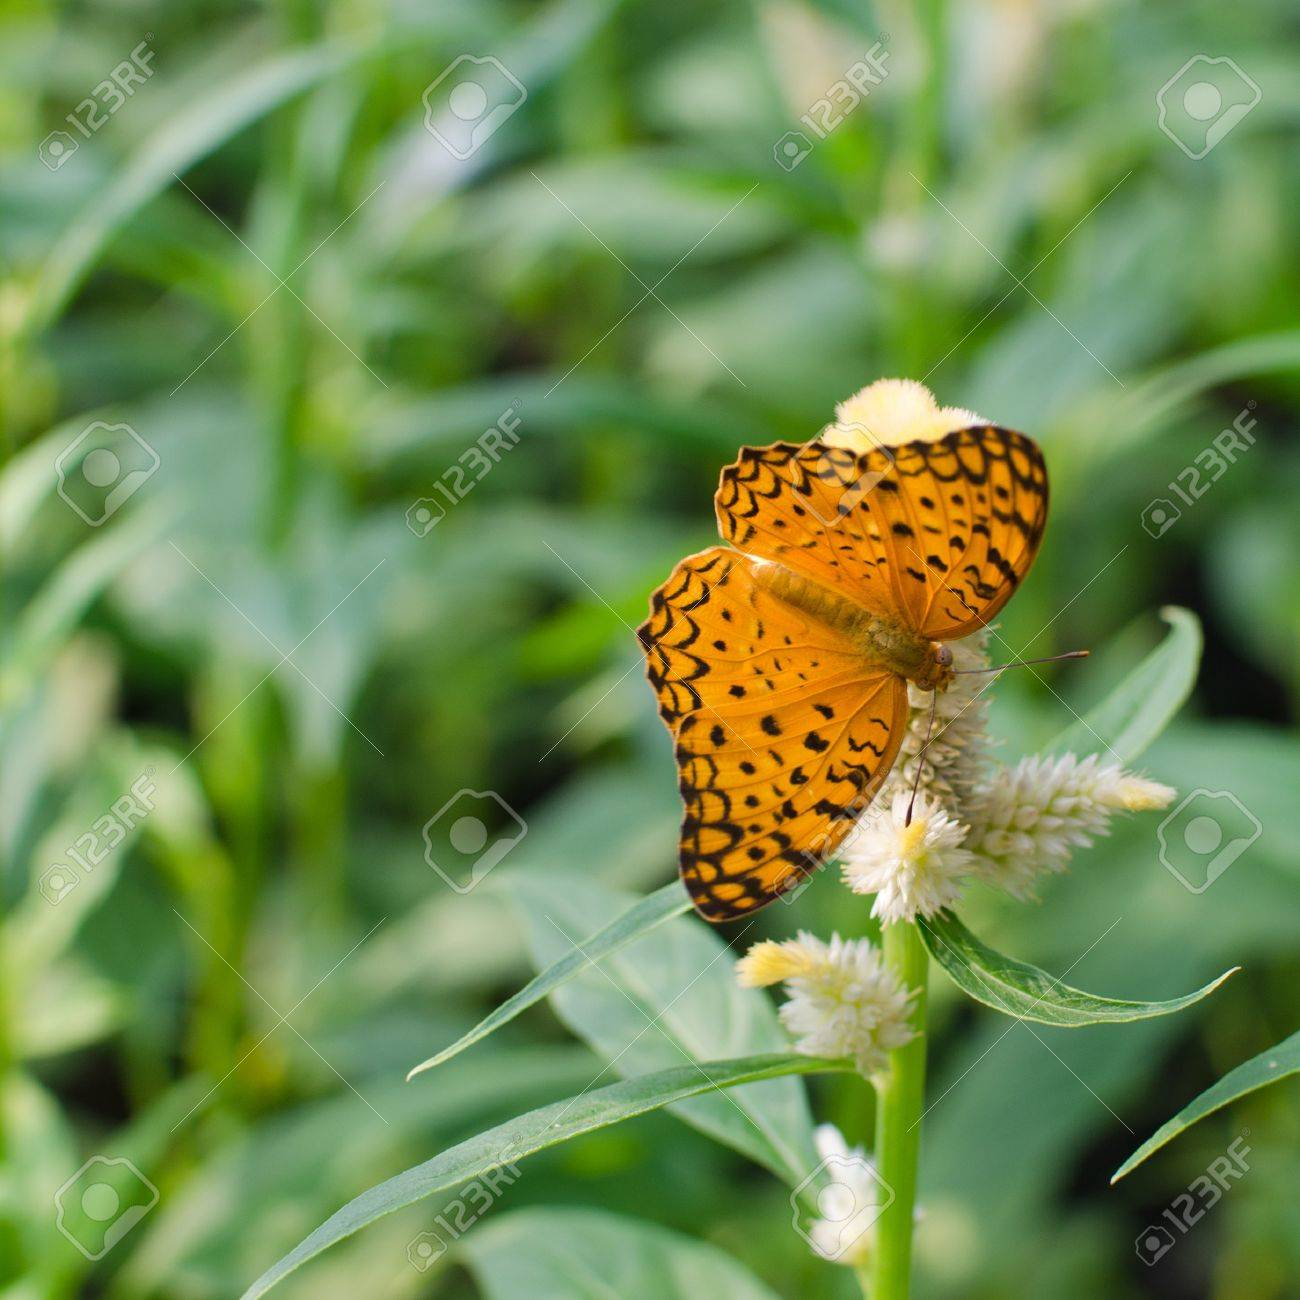 Schmetterling Futterung Auf Blumen Lizenzfreie Fotos Bilder Und